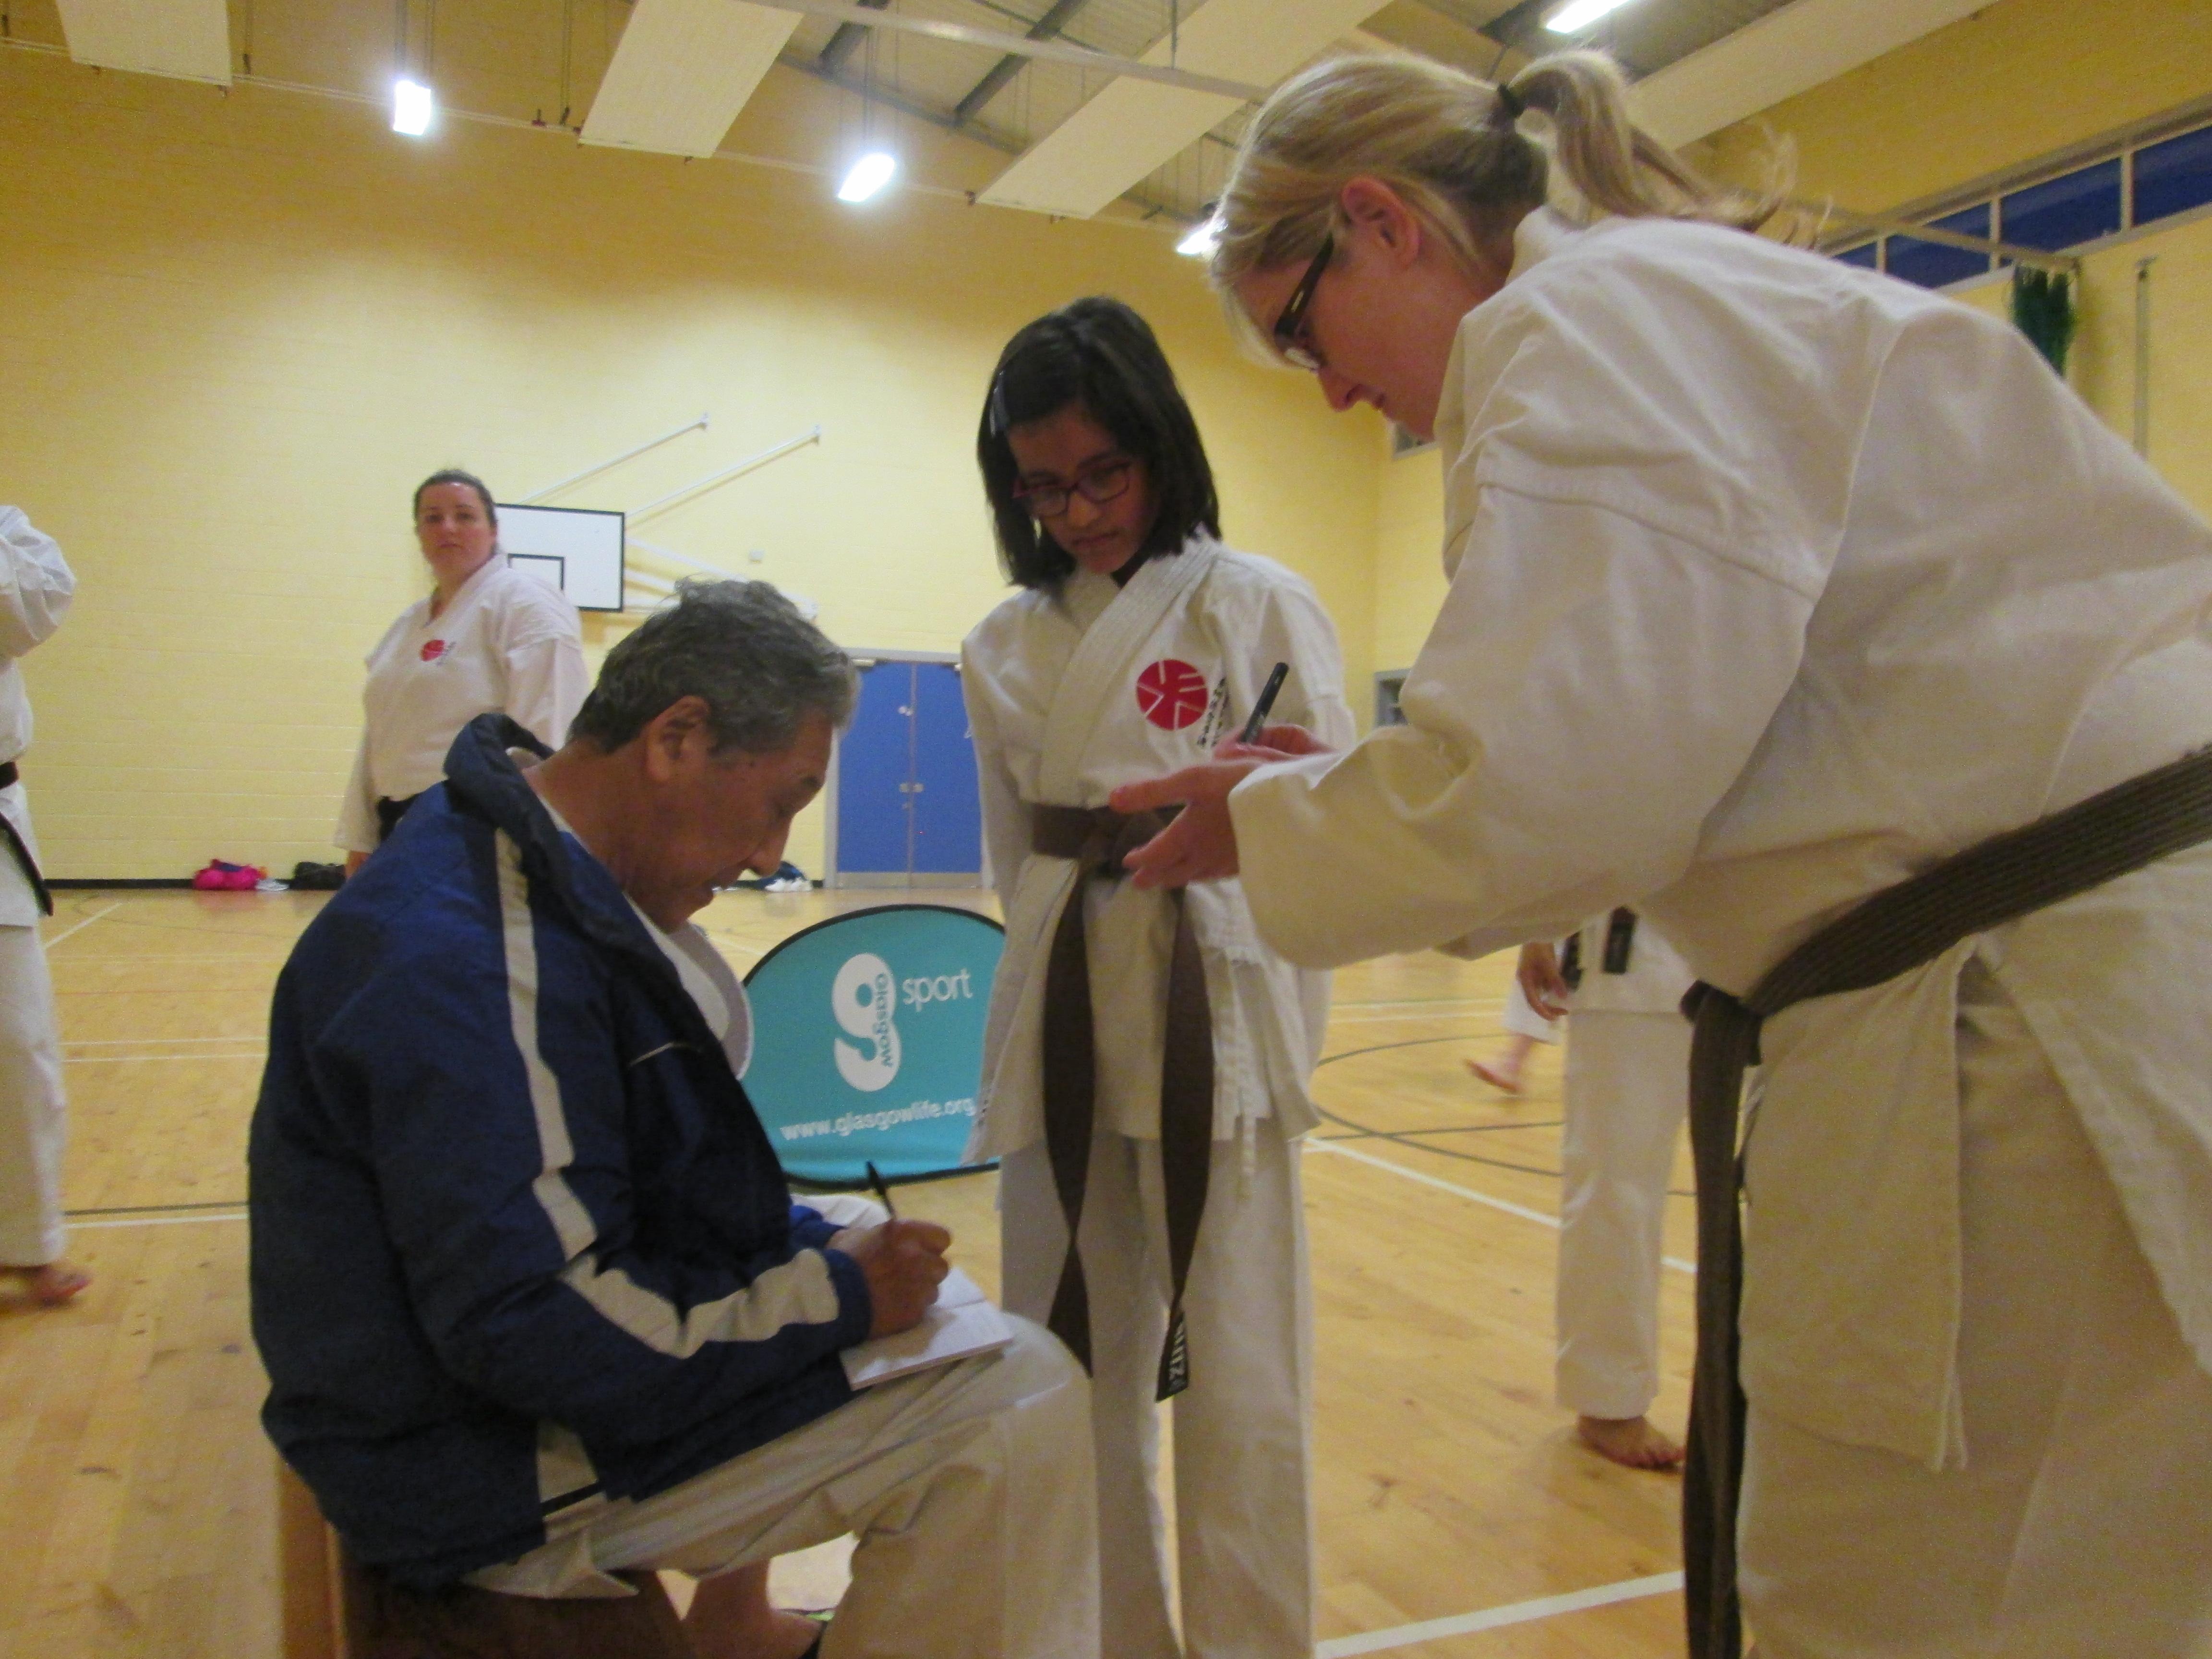 Kongo-ryu, Seminar in Scotland